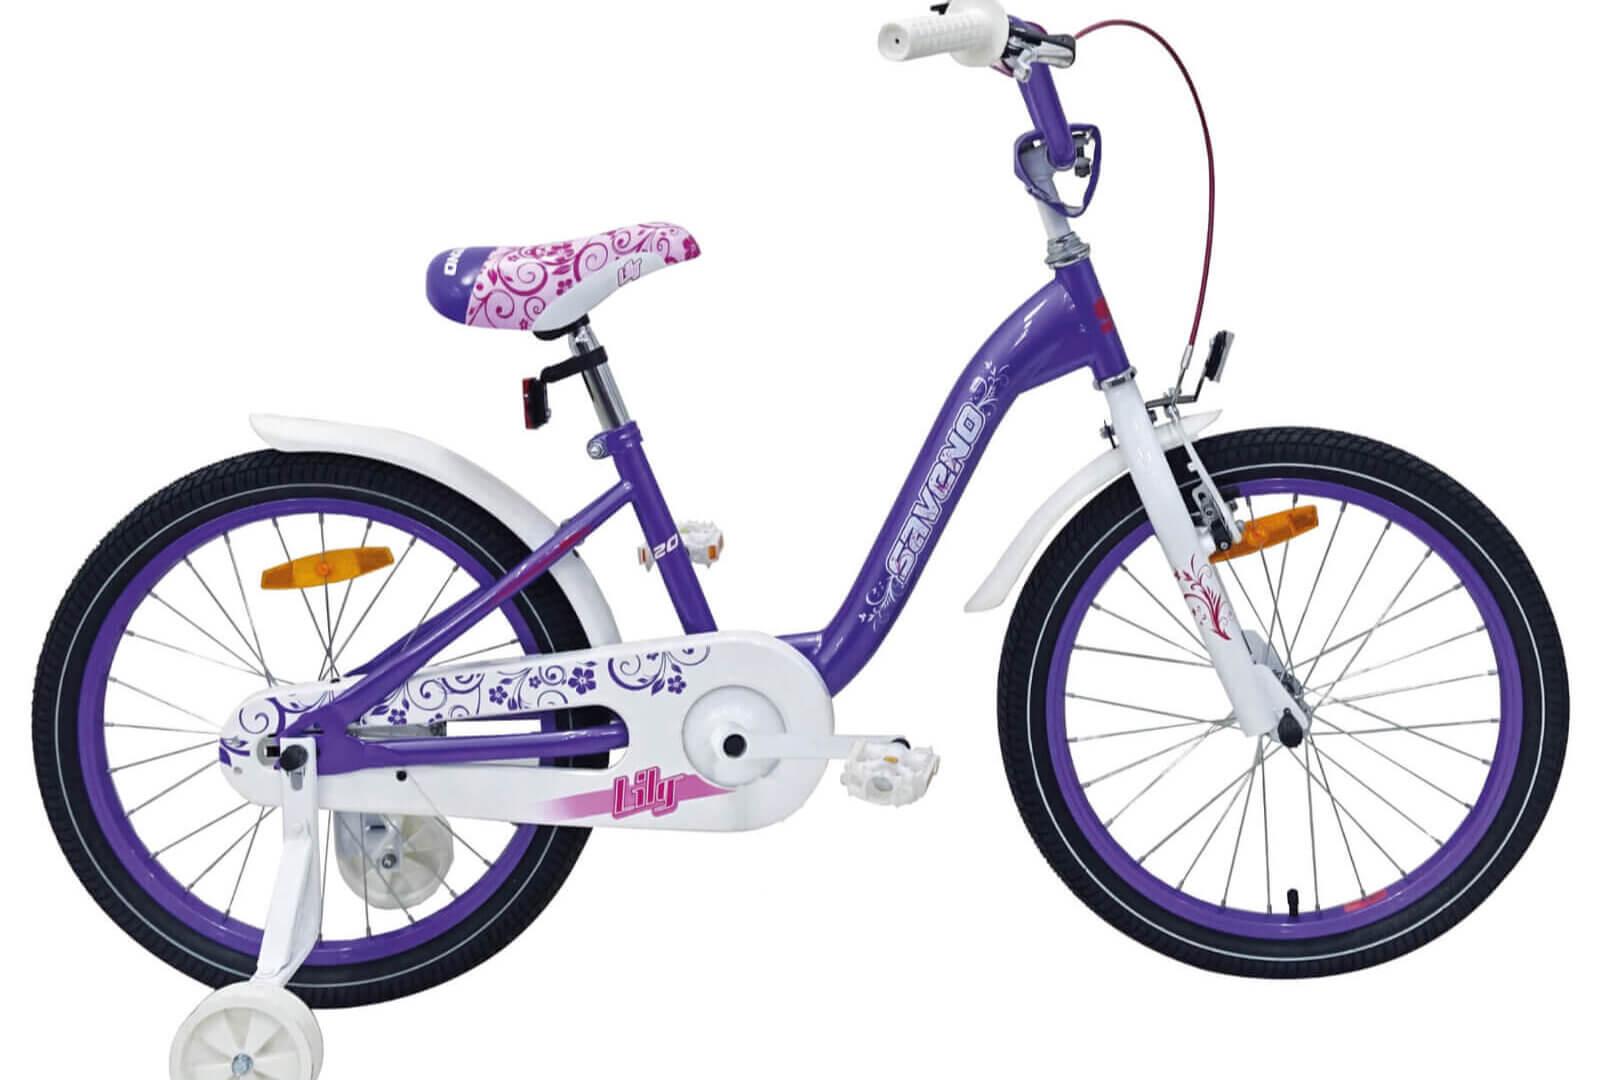 Witaj szkoło! Przegląd rowerów dla dzieci na dojazdy do przedszkola i nie tylko